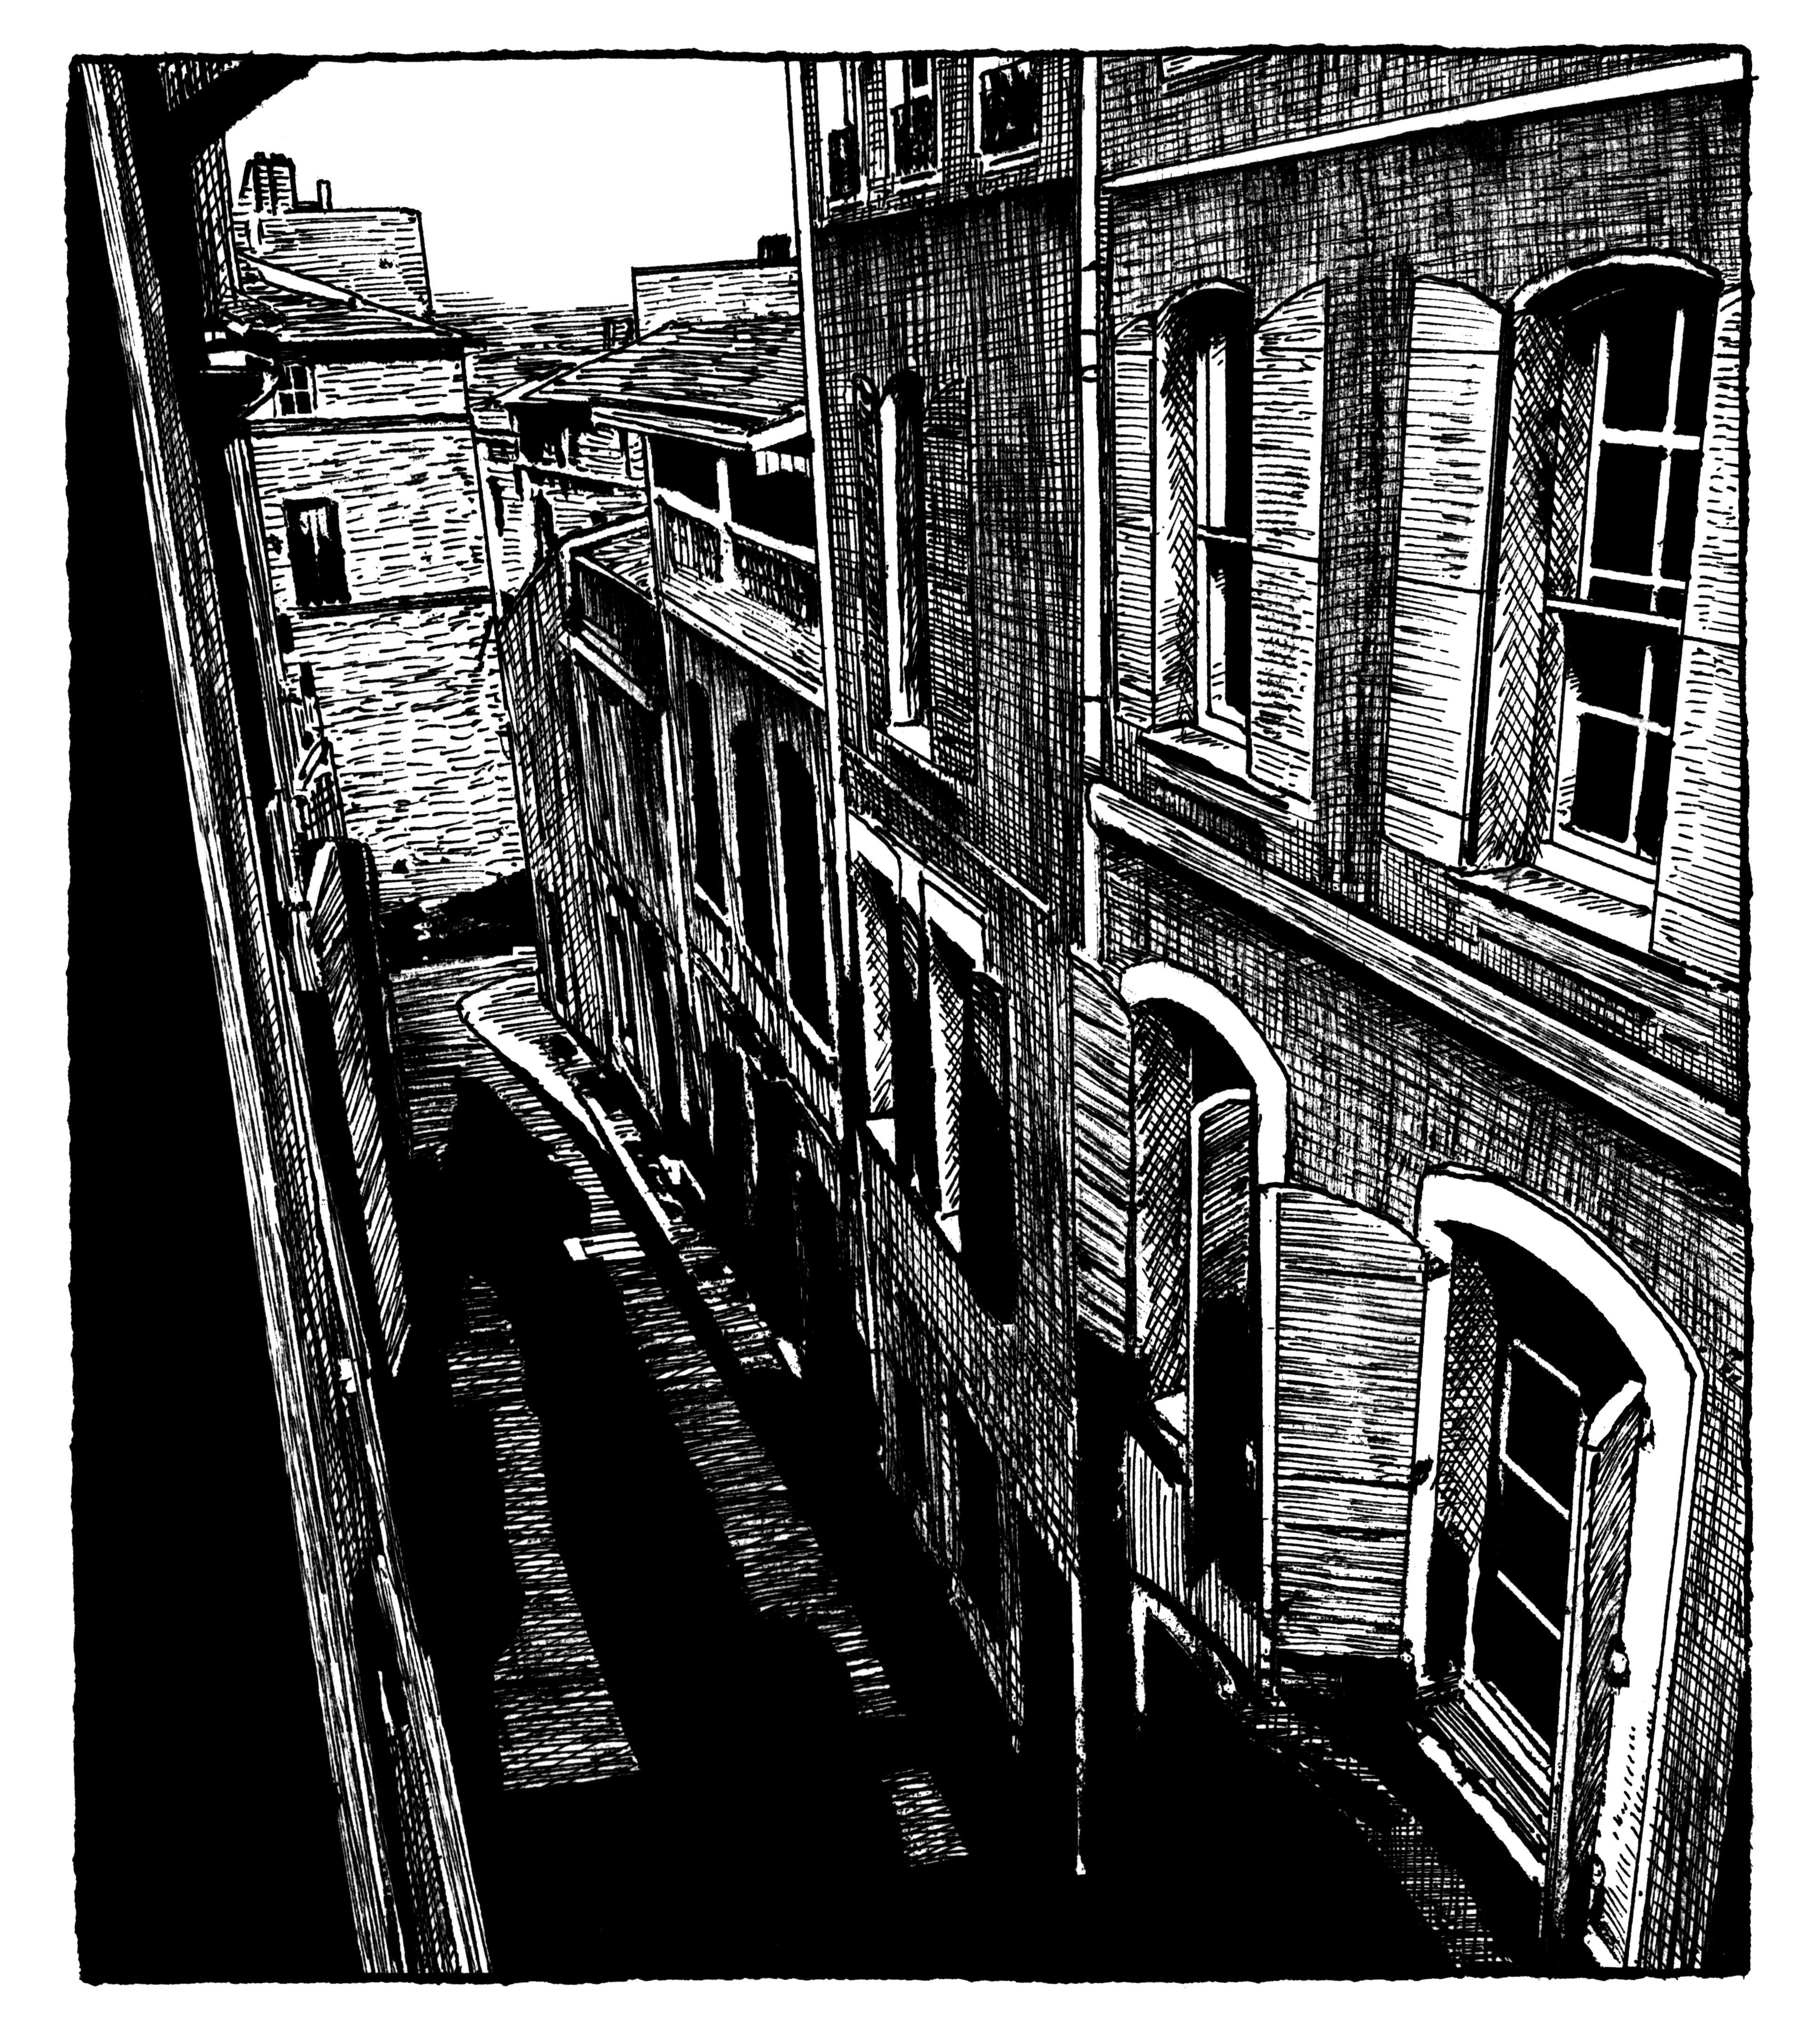 Pg 034 - Arles rue002